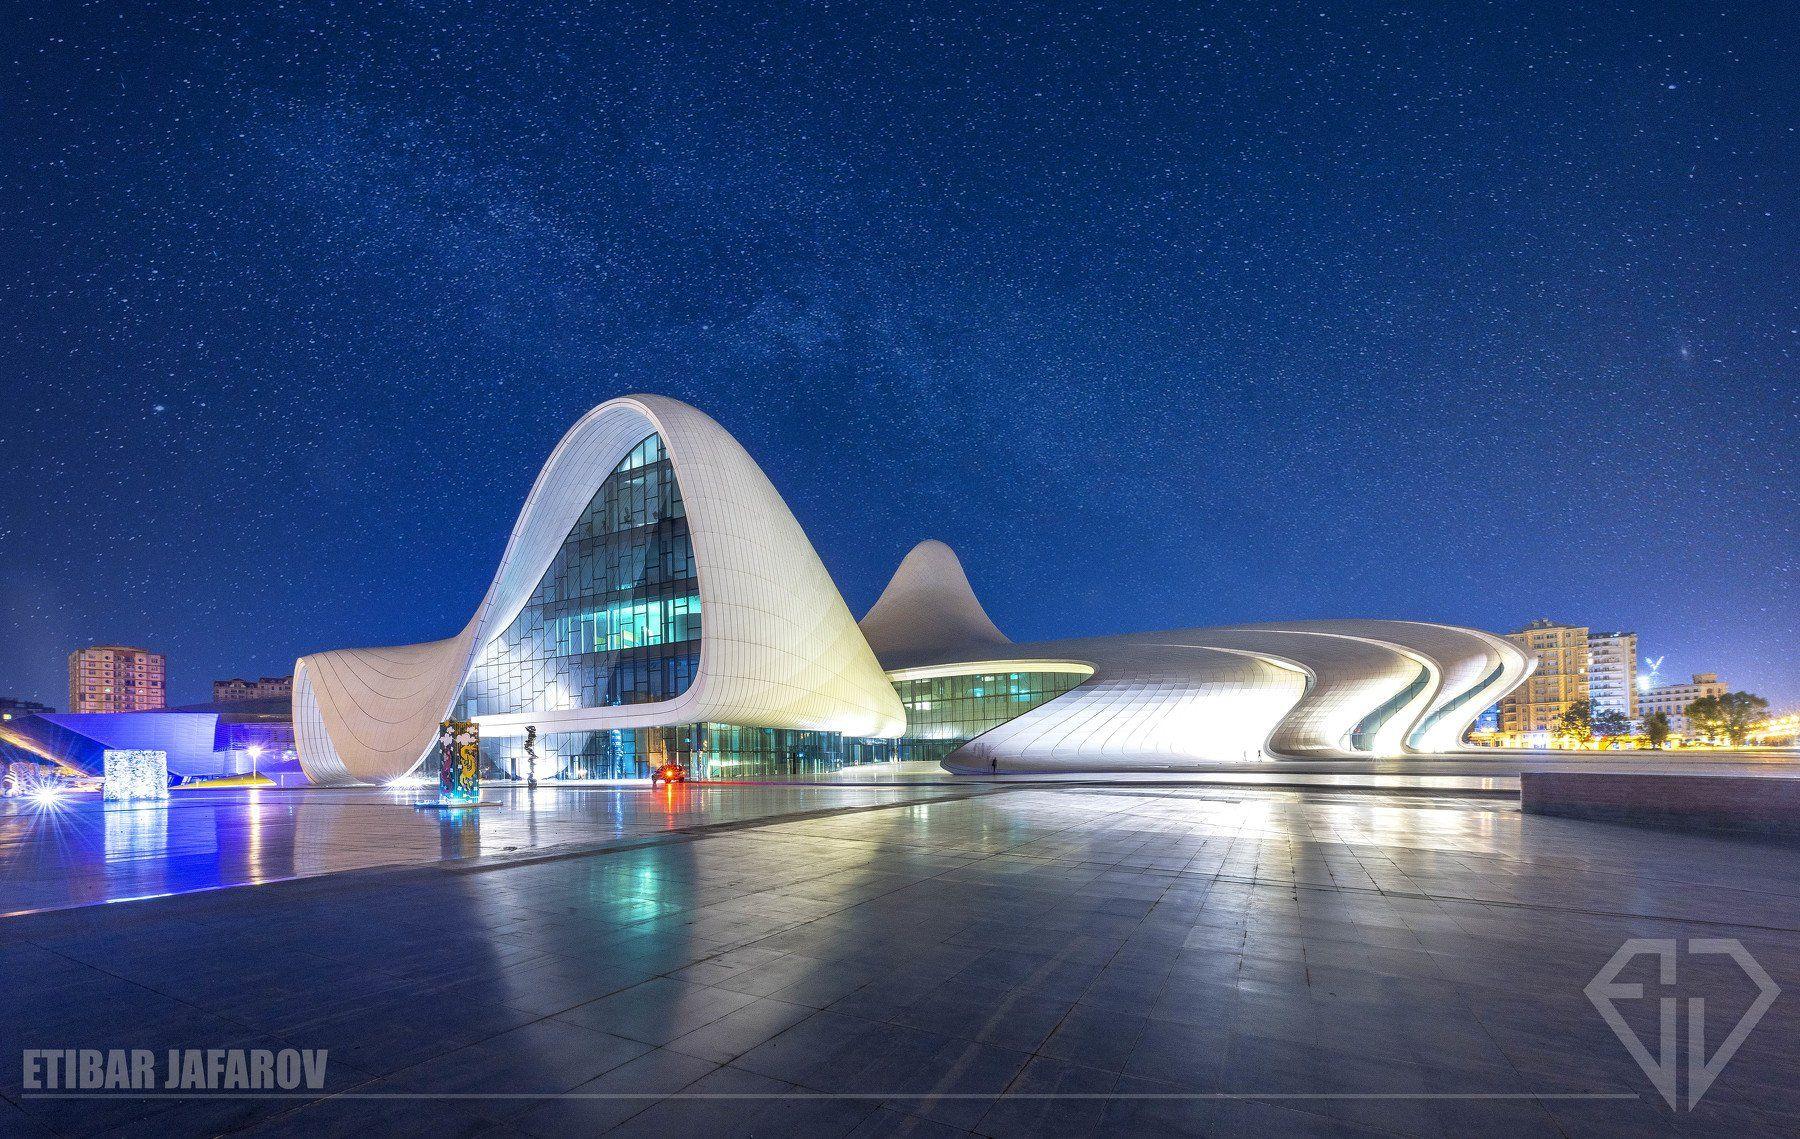 Heydar Aliyev Cultural Center (Baku), ETIBAR